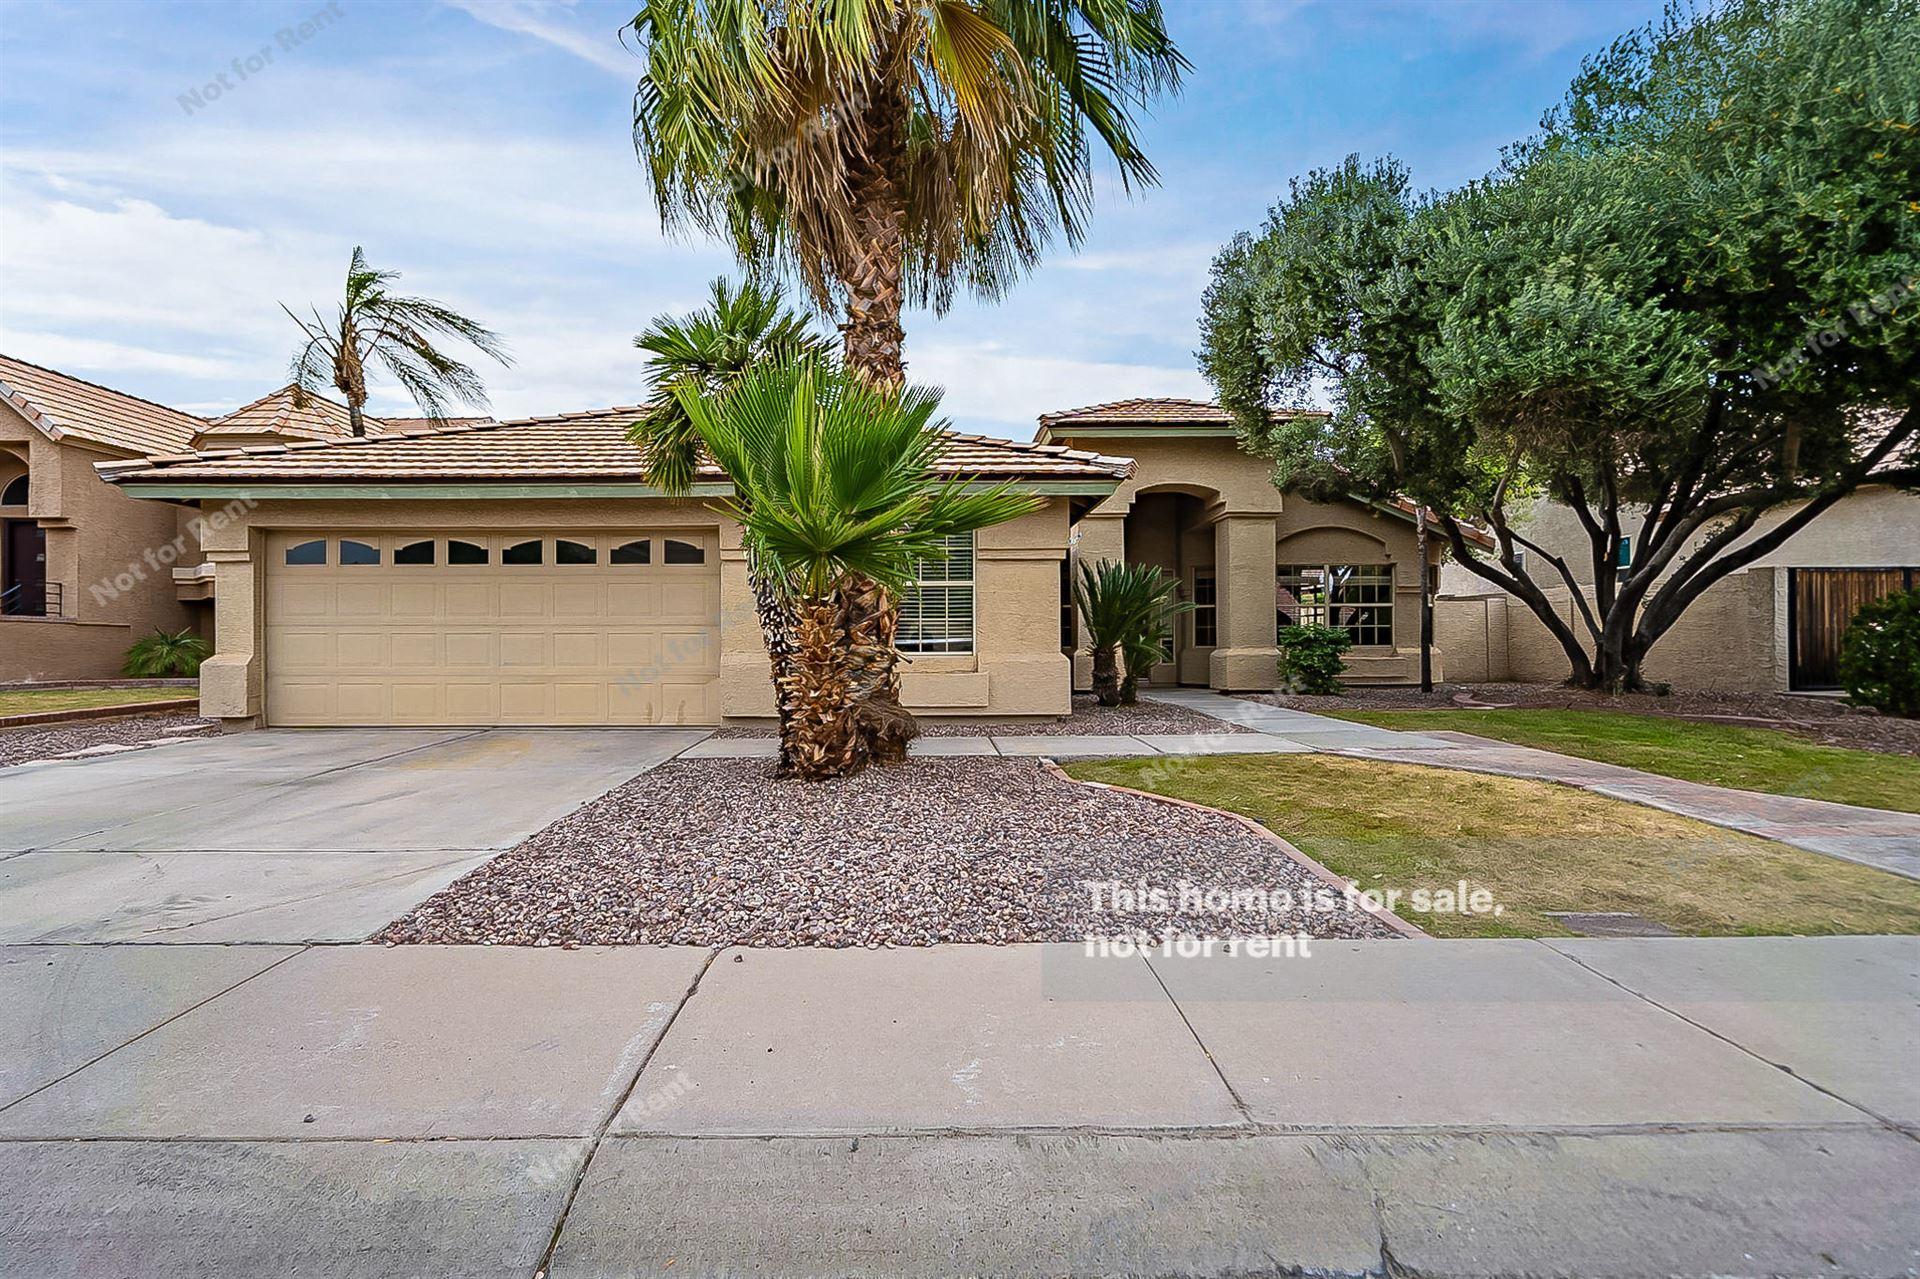 6734 W PIUTE Avenue, Glendale, AZ 85308 - MLS#: 6228666